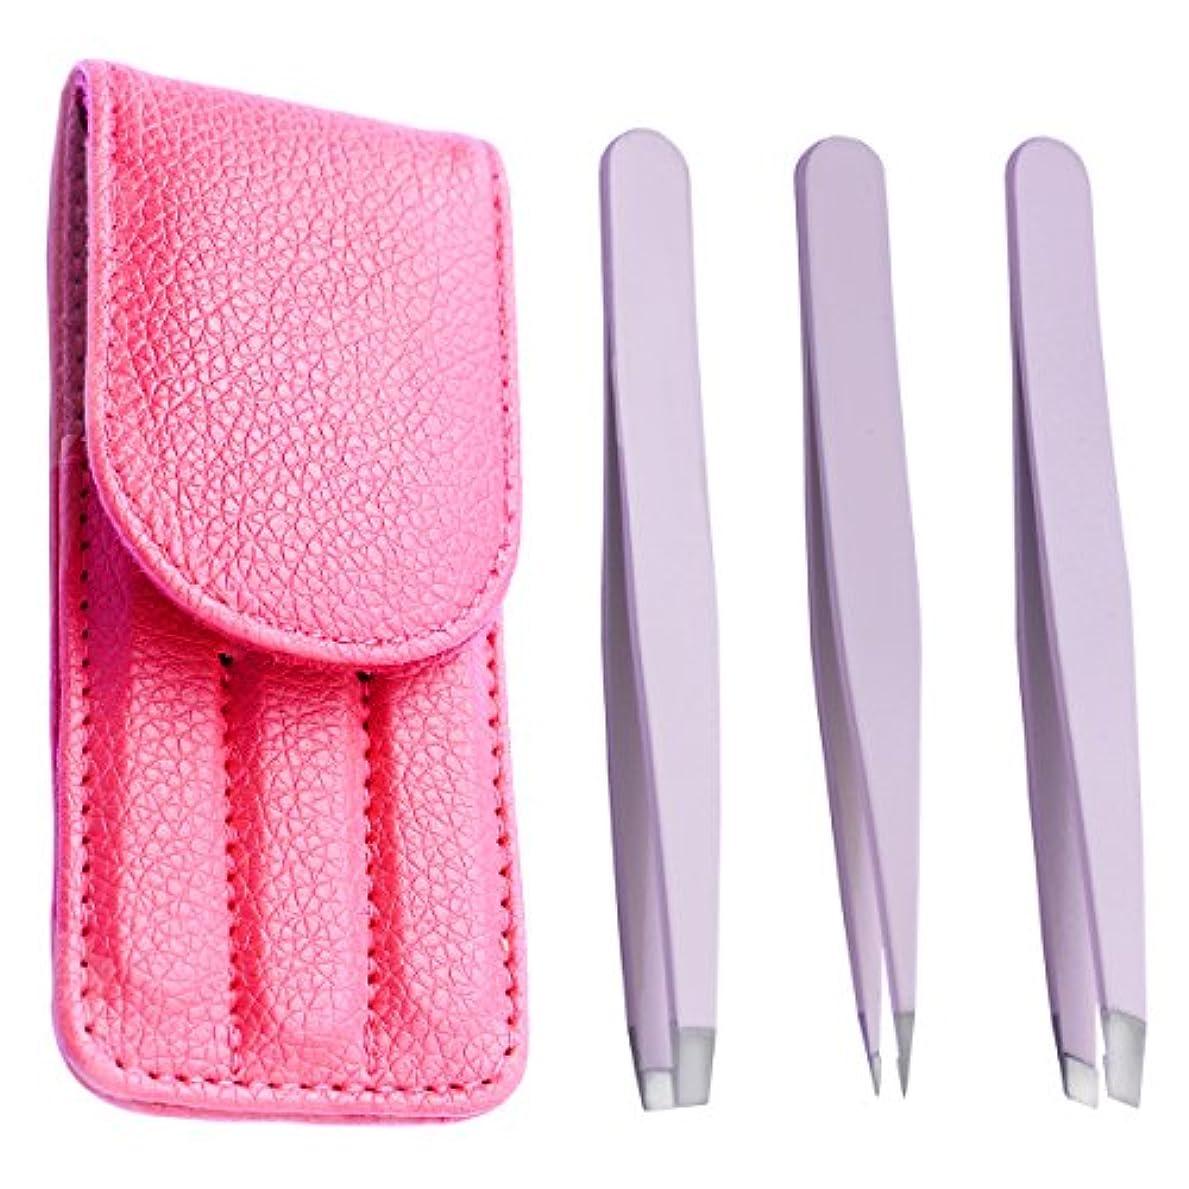 辞書やりすぎ提唱する光自在(Cozyshine) ステンレス毛抜き 専用ケース付き ツイーザー 眉毛 ステンレス製 3本セット 高級毛抜き 収納便利 (レッド)